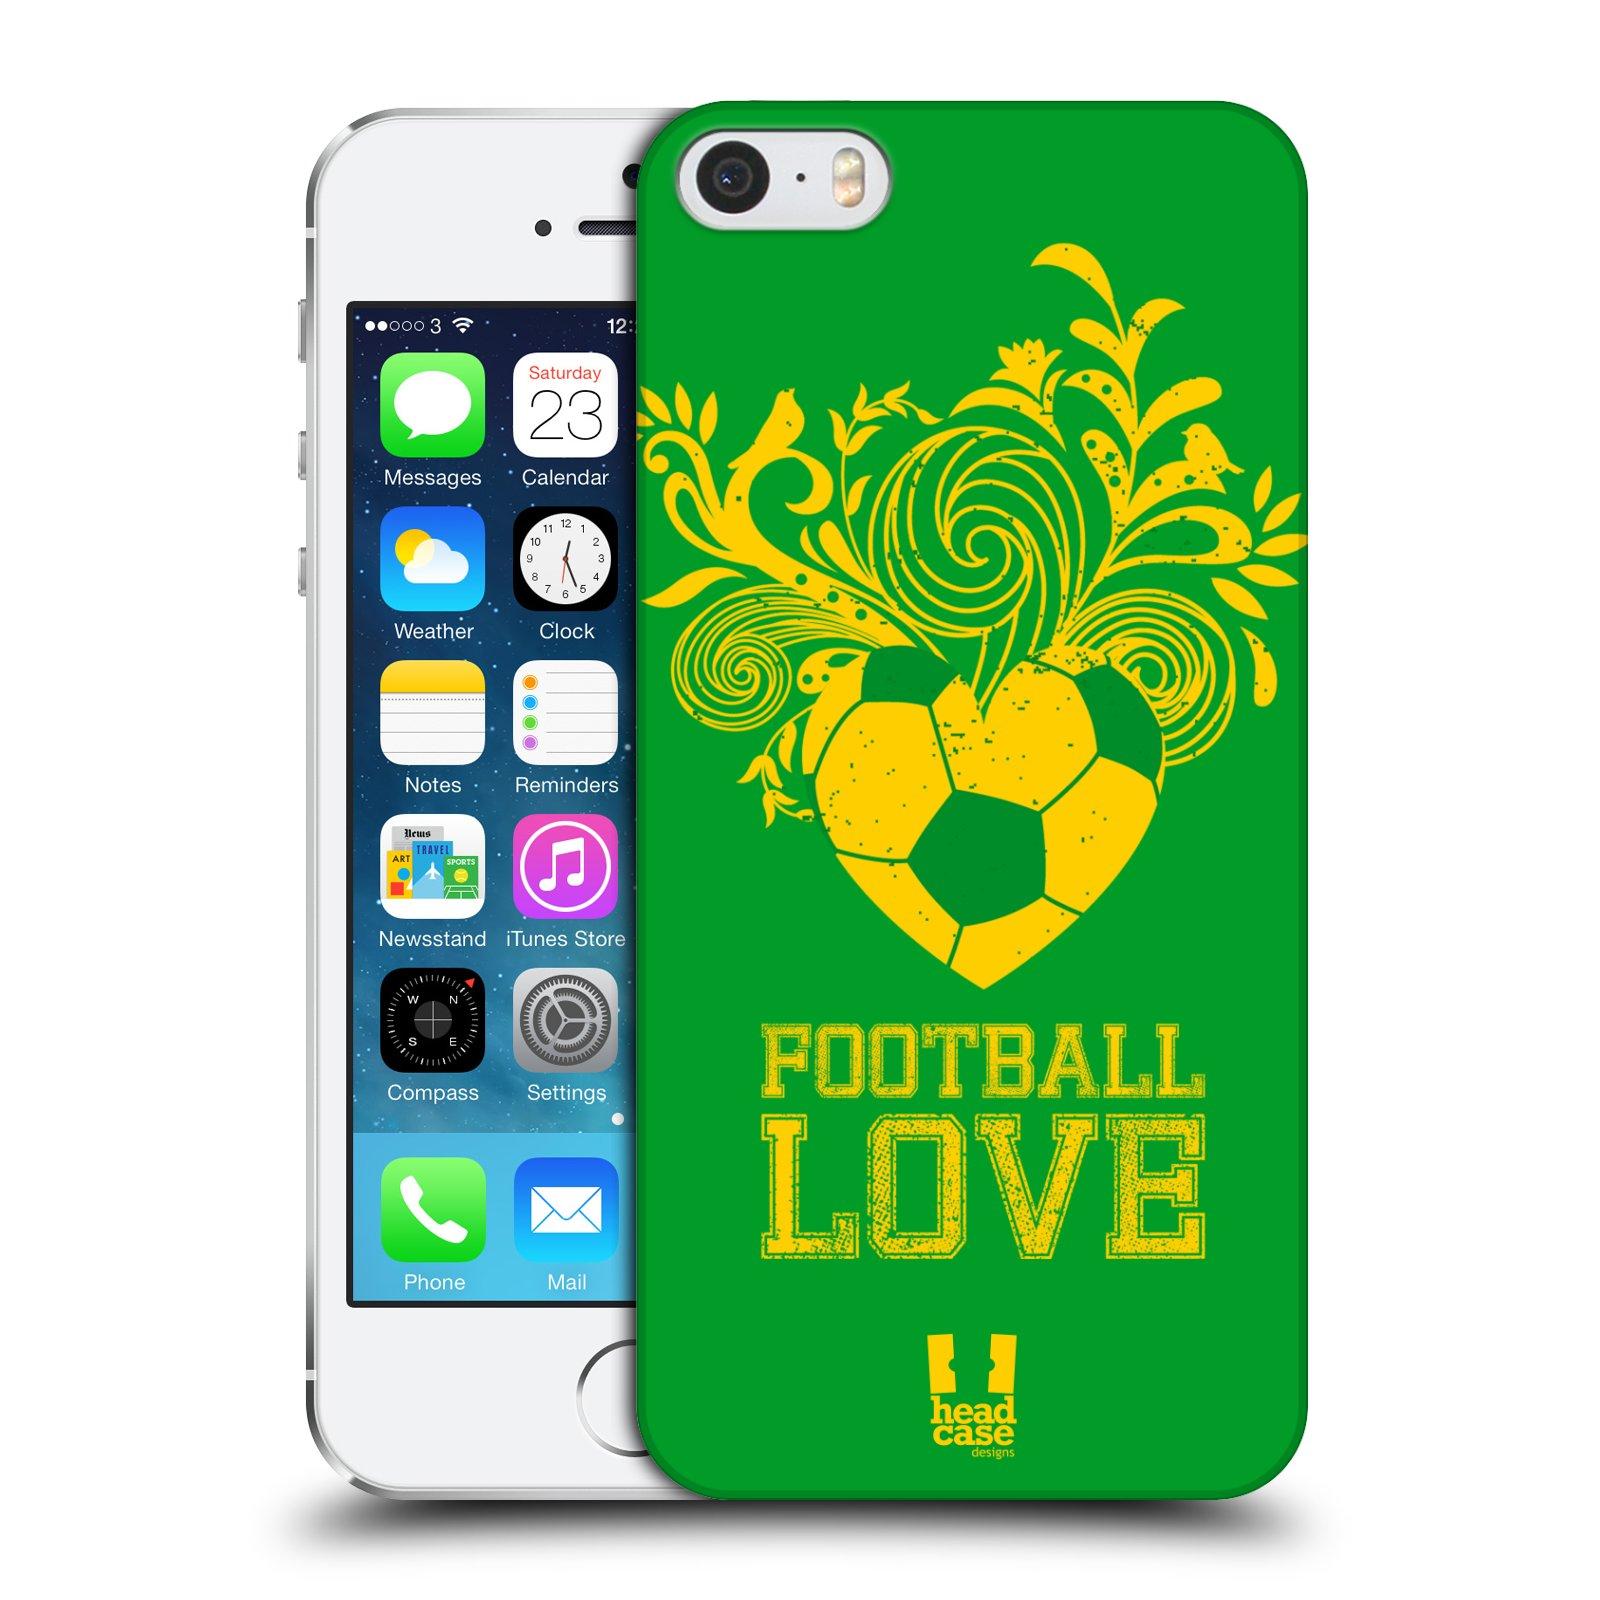 Plastové pouzdro pro mobil Apple Iphone 5 / 5S / SE Sport fotbalová láska zelená barva